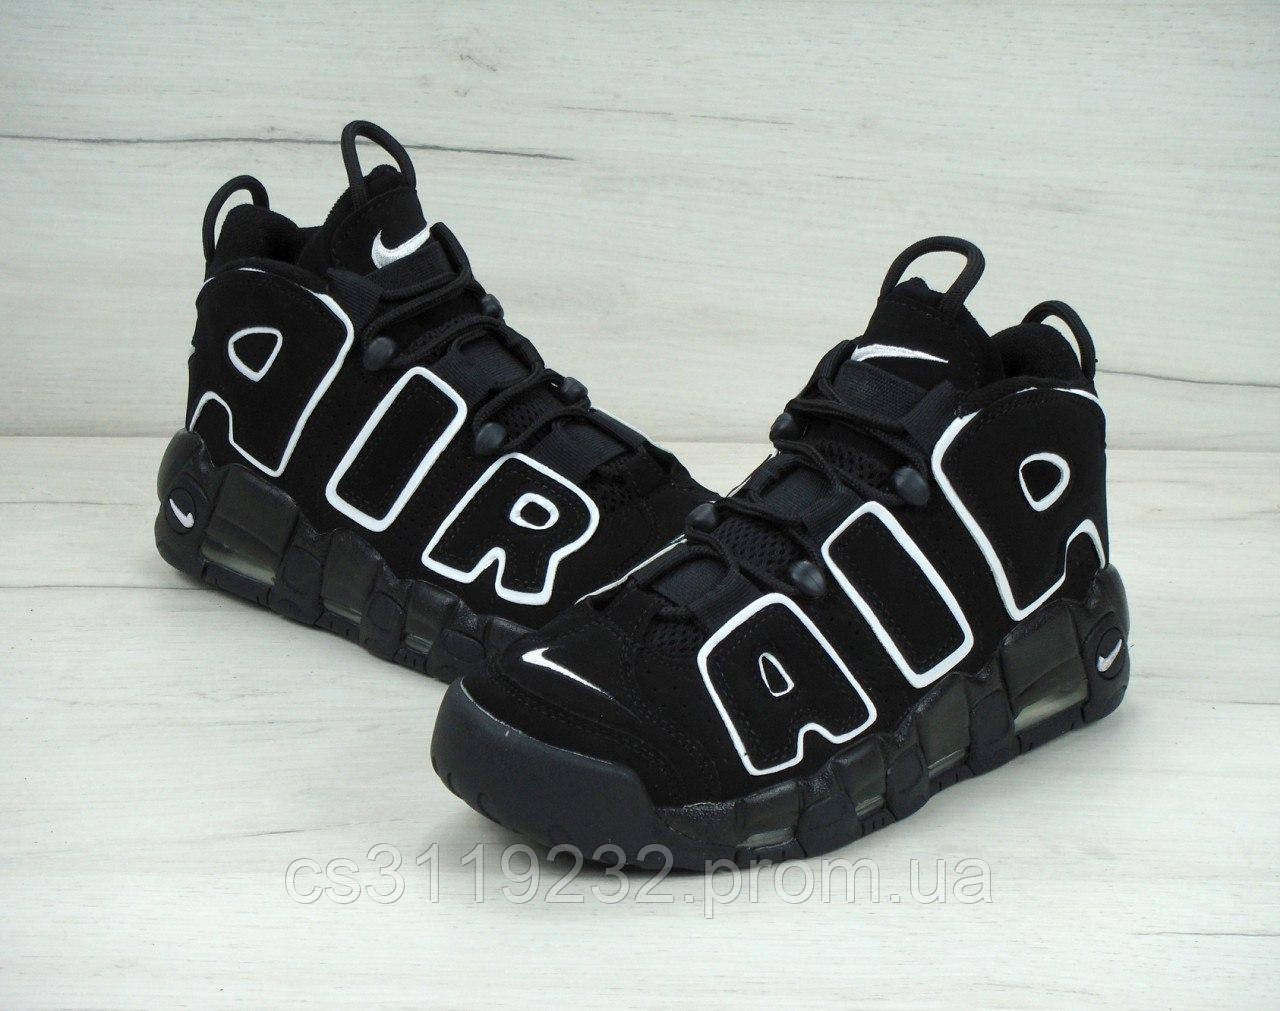 Жіночі кросівки Nike Air More Uptempo (чорні)